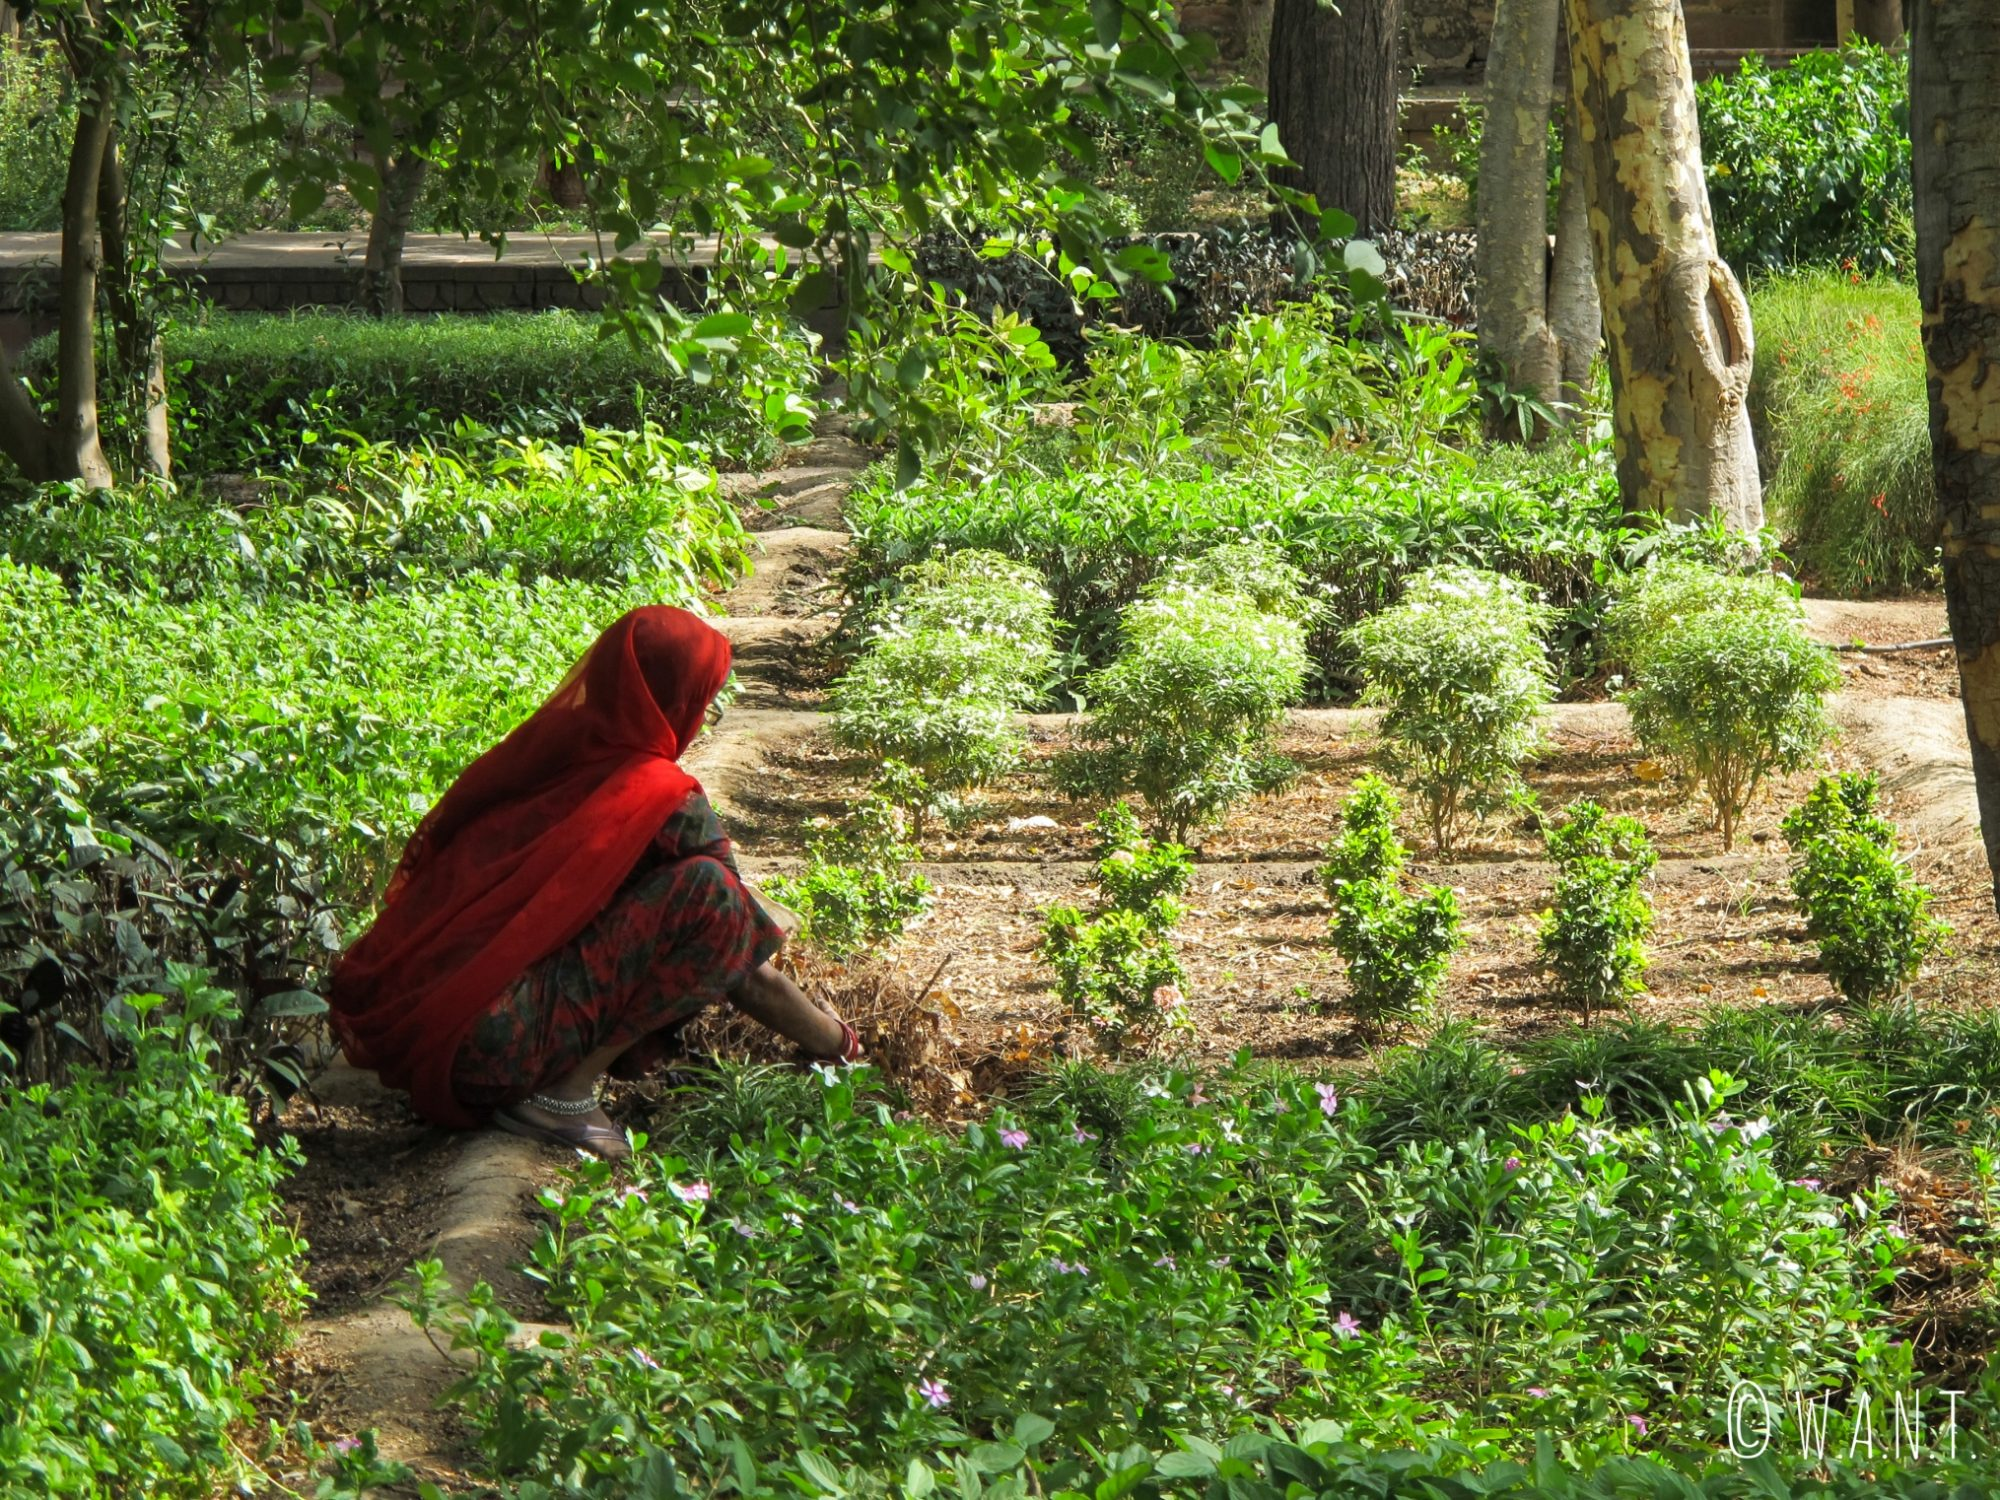 Ce sont les femmes qui s'occupent du jardinage au Chokelao garden